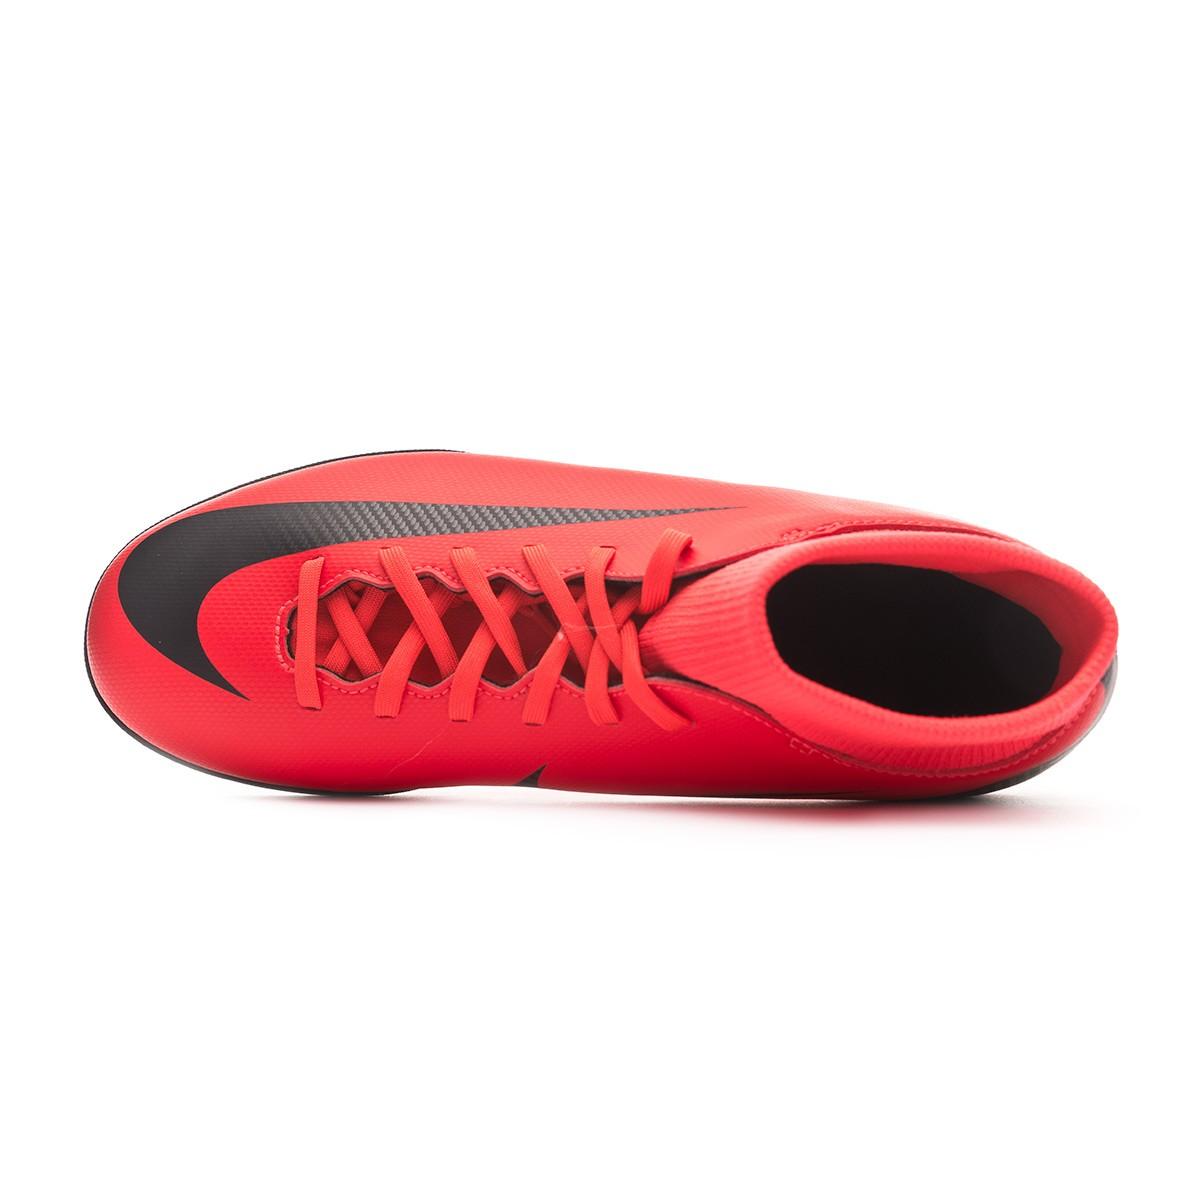 2e8e02a6e98 Sapatilhas Nike Mercurial SuperflyX VI Club CR7 Turf Bright  crimson-Black-Chrome - Loja de futebol Fútbol Emotion